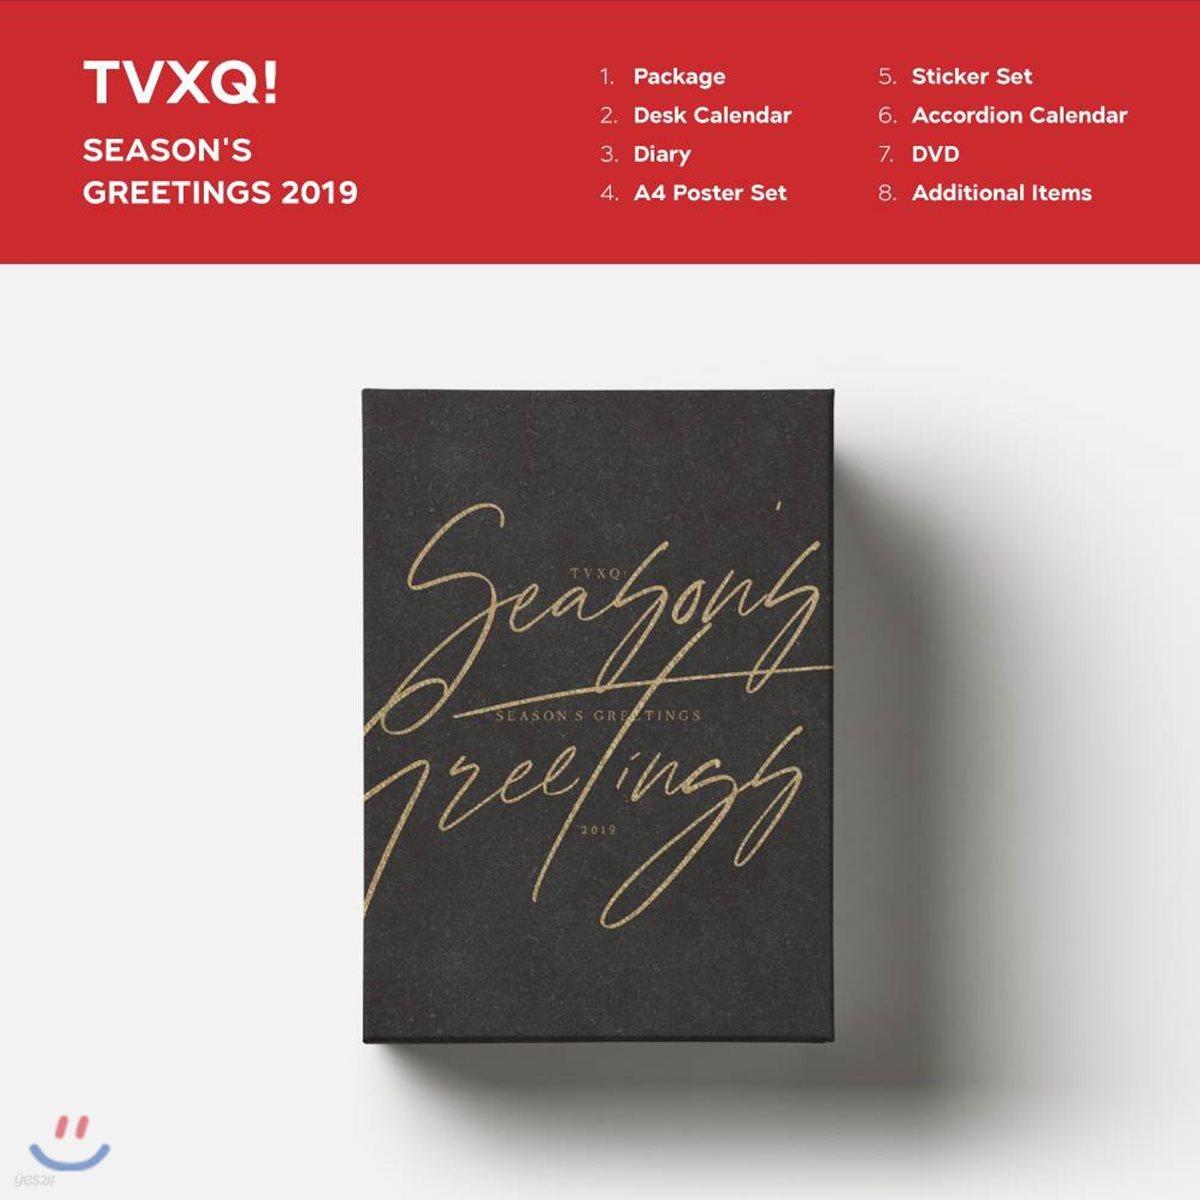 동방신기 (TVXQ!) 2019 시즌 그리팅